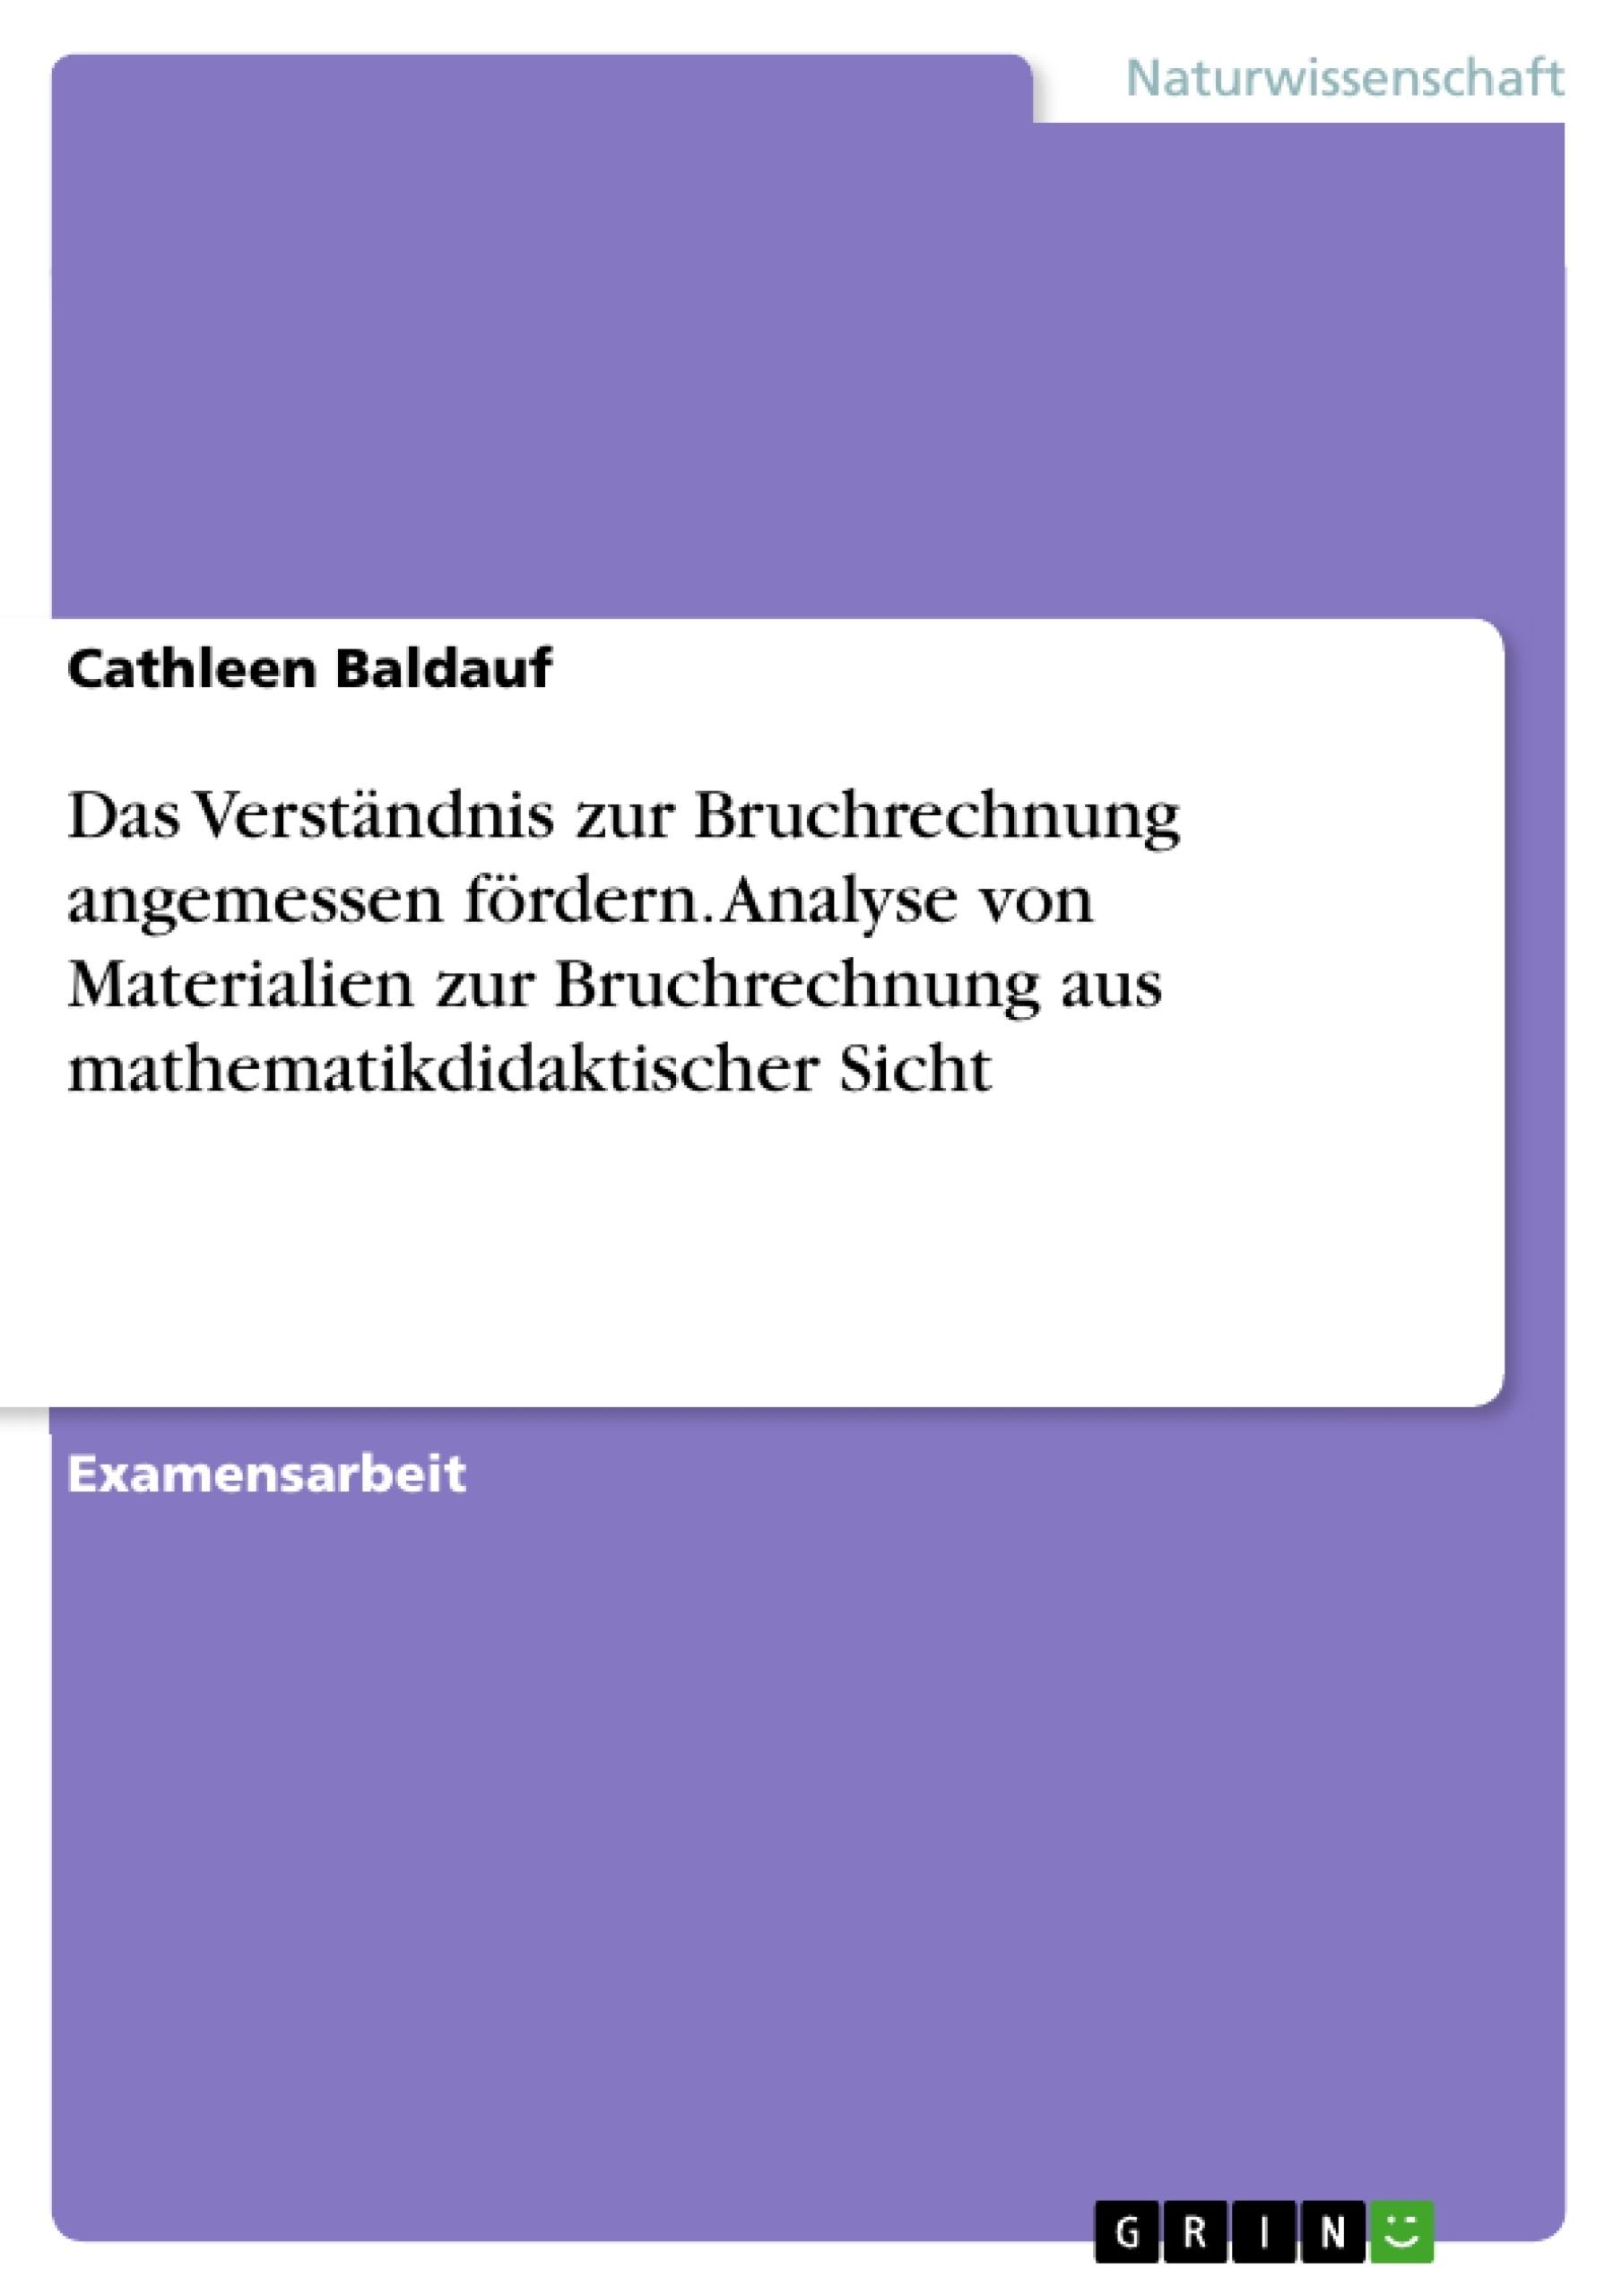 Titel: Das Verständnis zur Bruchrechnung angemessen fördern. Analyse von Materialien zur Bruchrechnung aus mathematikdidaktischer Sicht